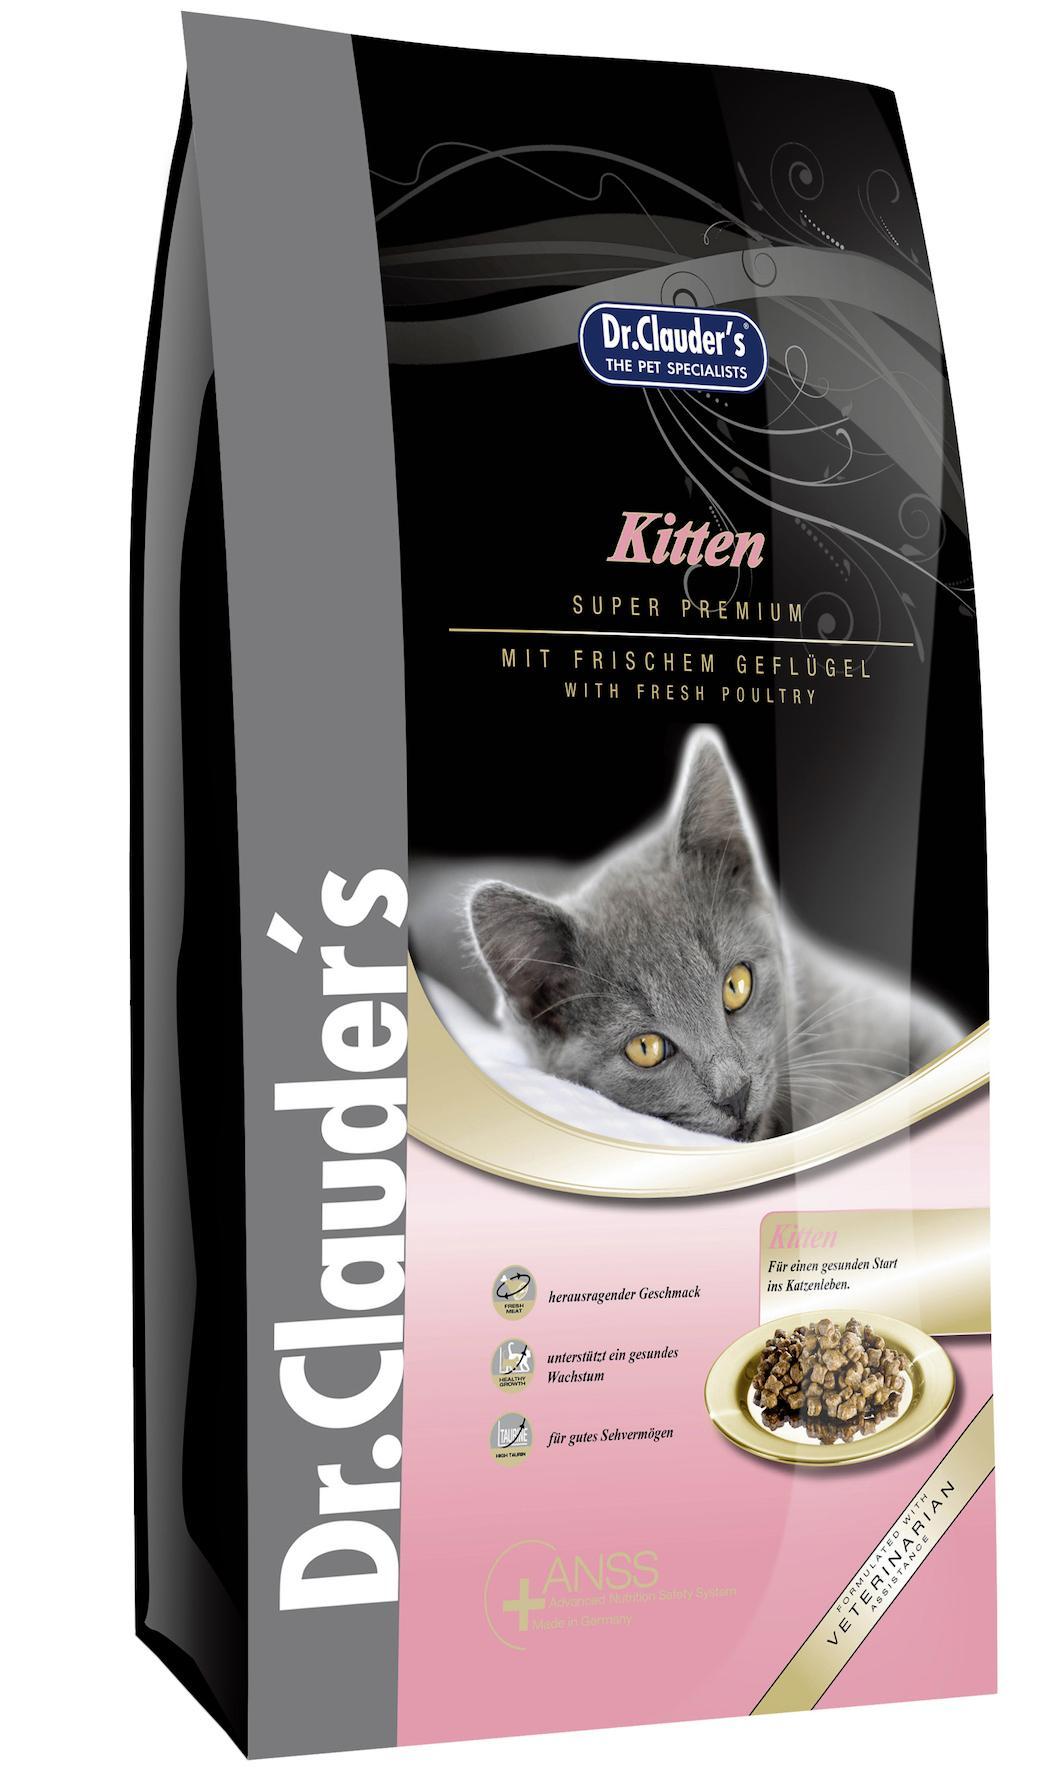 Dr. Clauder's Kitten Super Premium